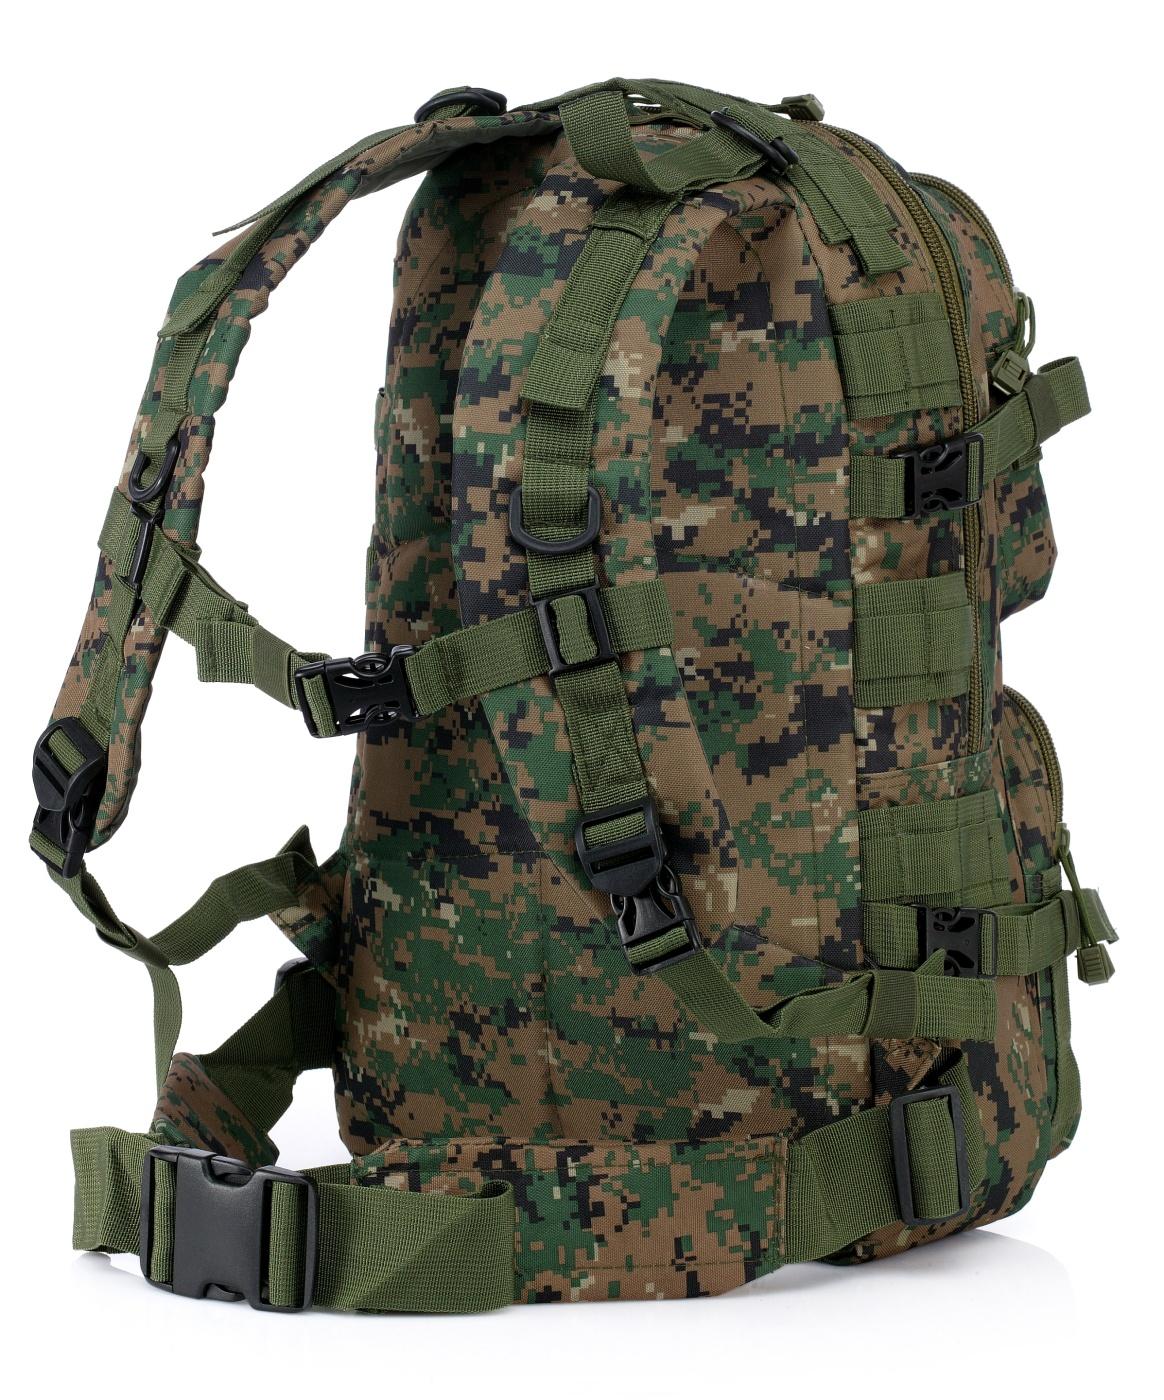 Военный рюкзак камуфляжной расцветки BLACKHAWK оптом и в розницу